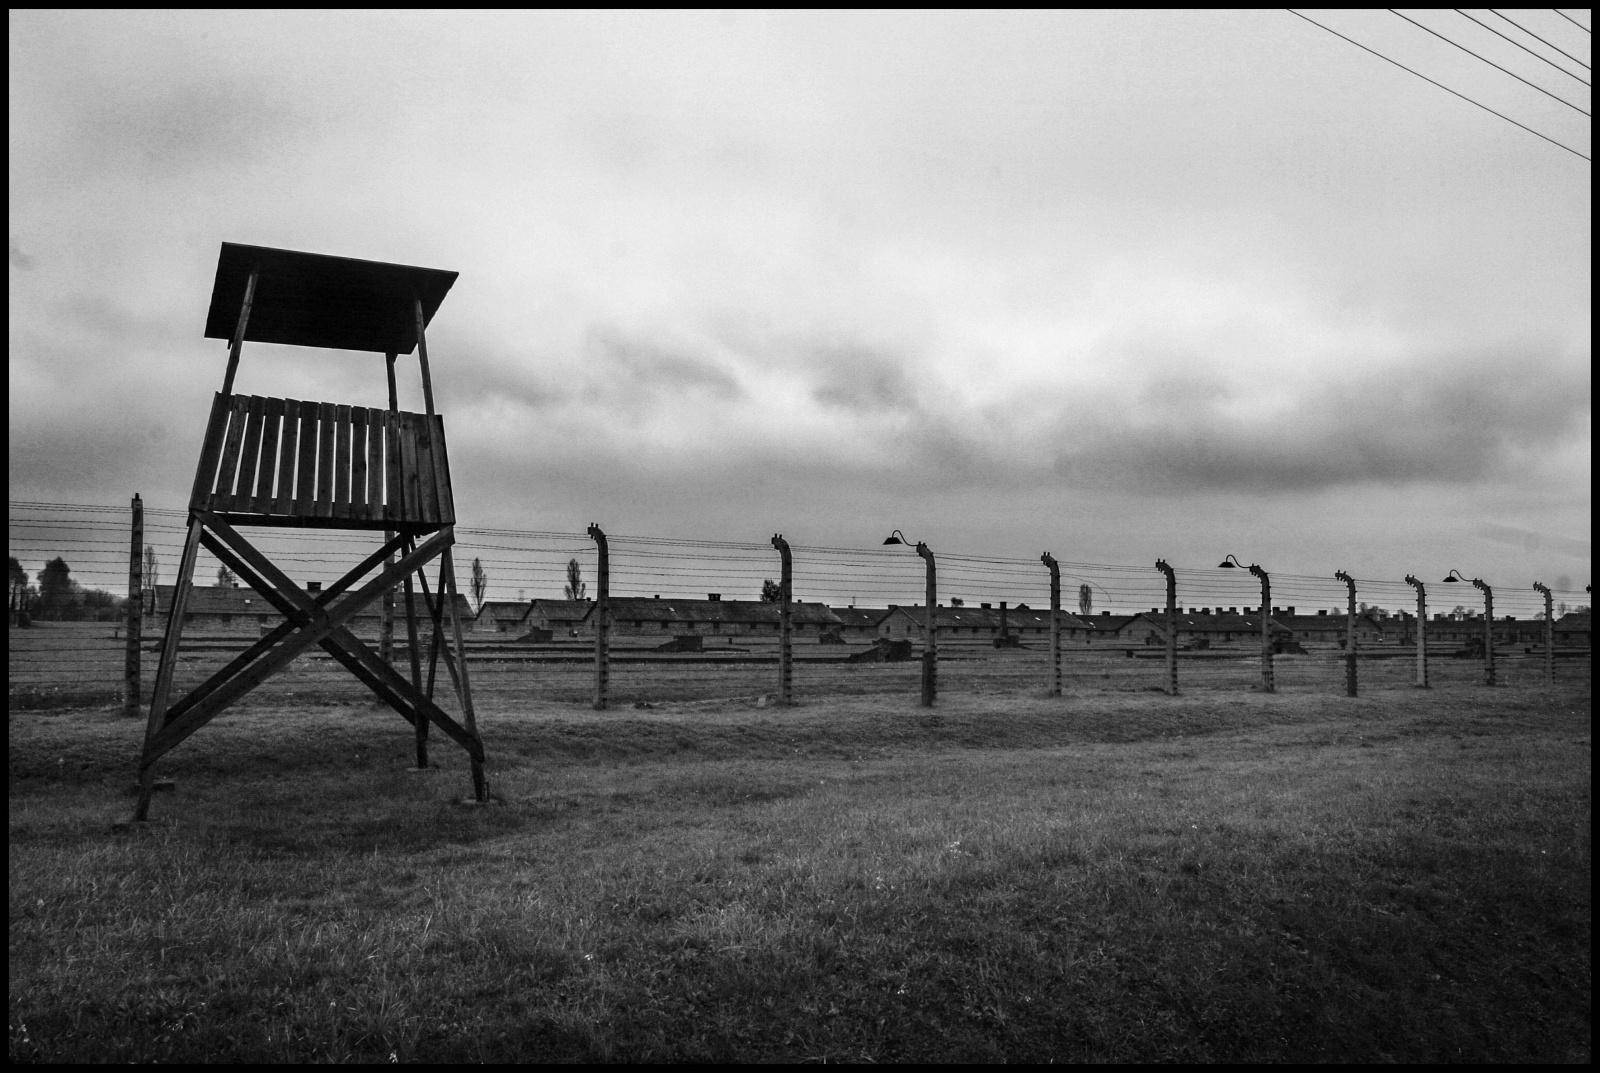 Auschwitz II (Birkenau) Vernichtungslager(campo di sterminio). Era l'immenso lager nel quale persero la vita oltre un milione e centomila persone, in stragrande maggioranza ebrei, russi, polacchi, prigionieri di guerra, omosessuali, oppositori politici, testimoni di Geova e zingari. Dopo l'arrivo dei prigionieri, questi venivano selezionati e quelli inabili al lavoro venivano condotti  alle camere a gas con lo scopo di essere uccisi. Le torrette delle sentinelle all'esterno del campo.